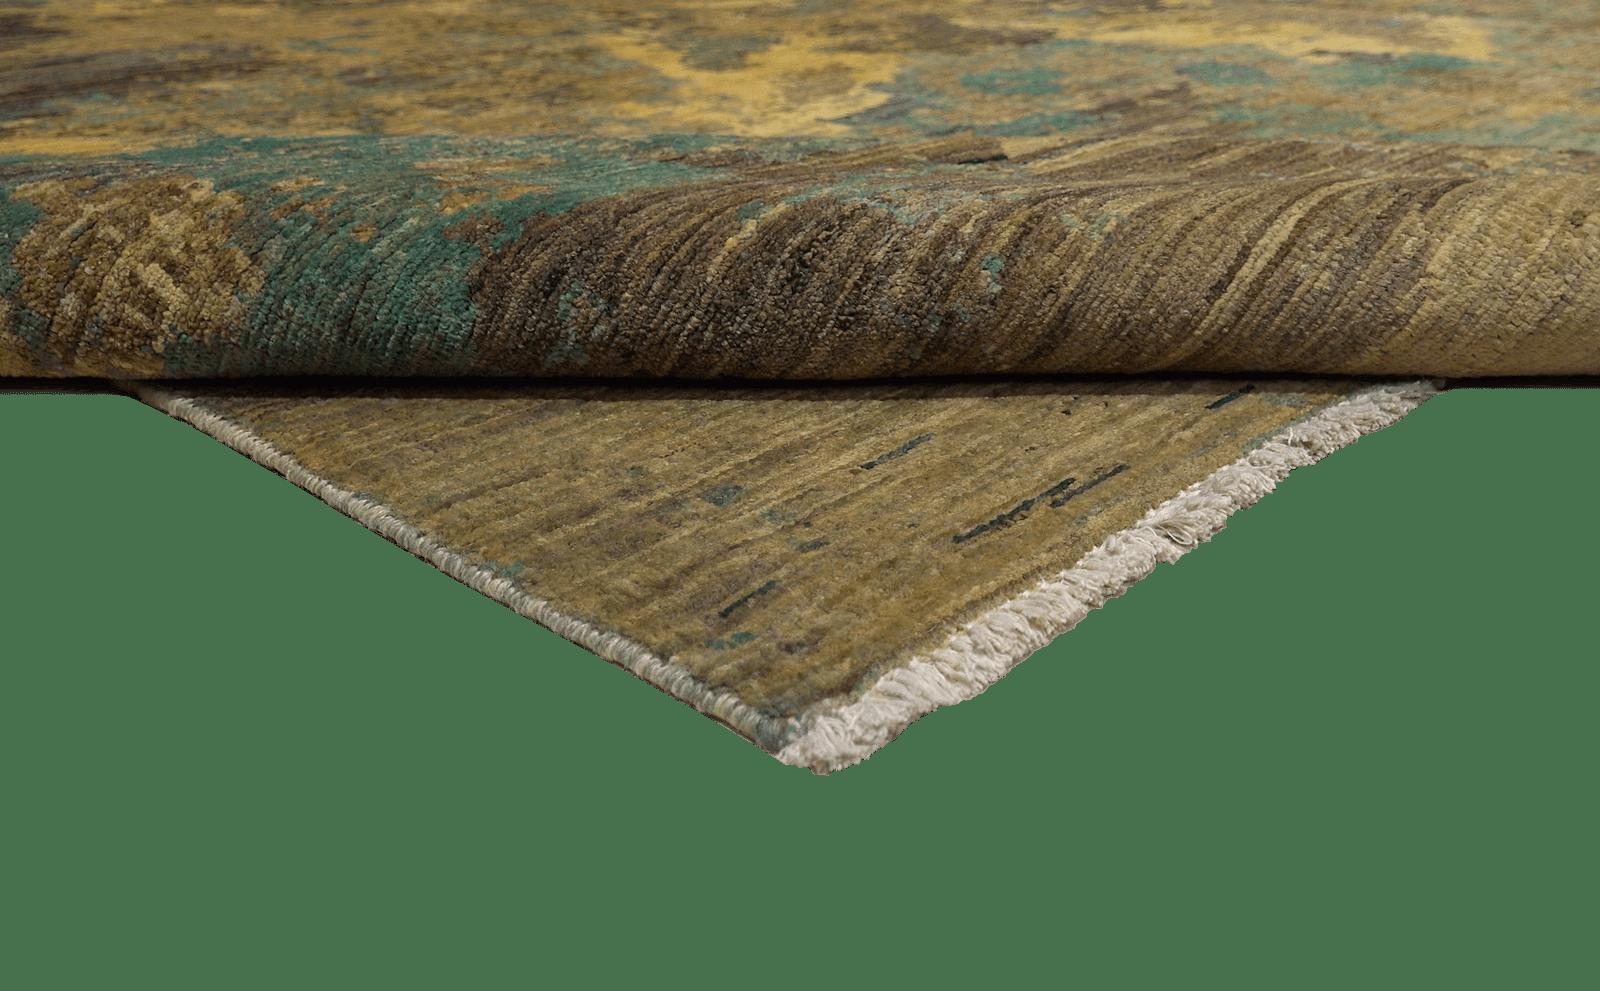 kashkuli-earth-moderne-oosterse-perzische-tapijten-luxe-exclusieve-vloerkleden-koreman-maastricht